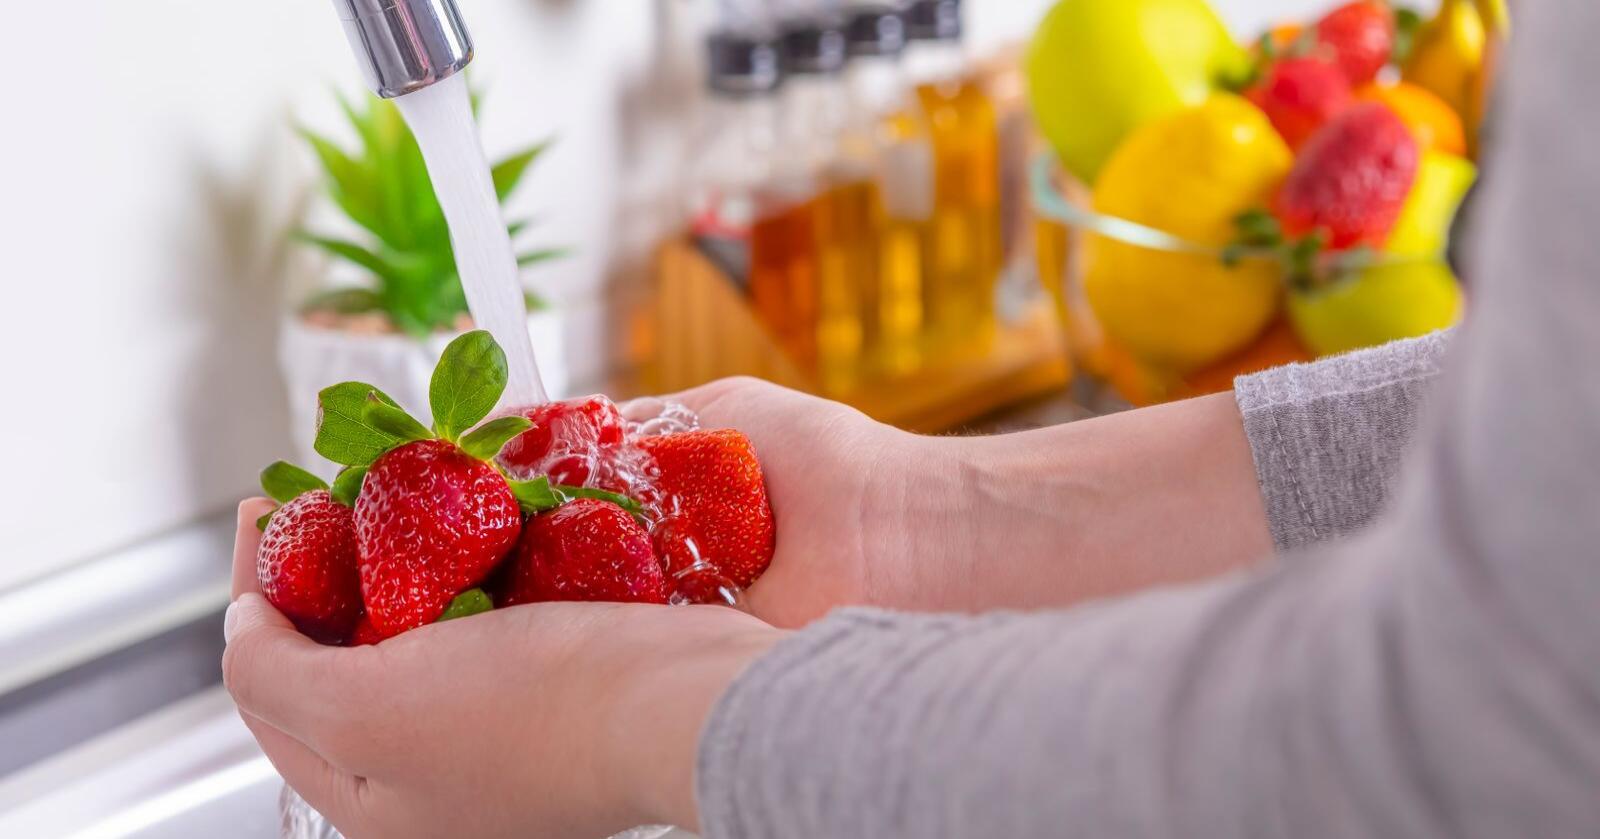 Har du lurt på hvorfor du må vaske bær før du spiser dem? Illustrasjonsfoto: Mostphotos